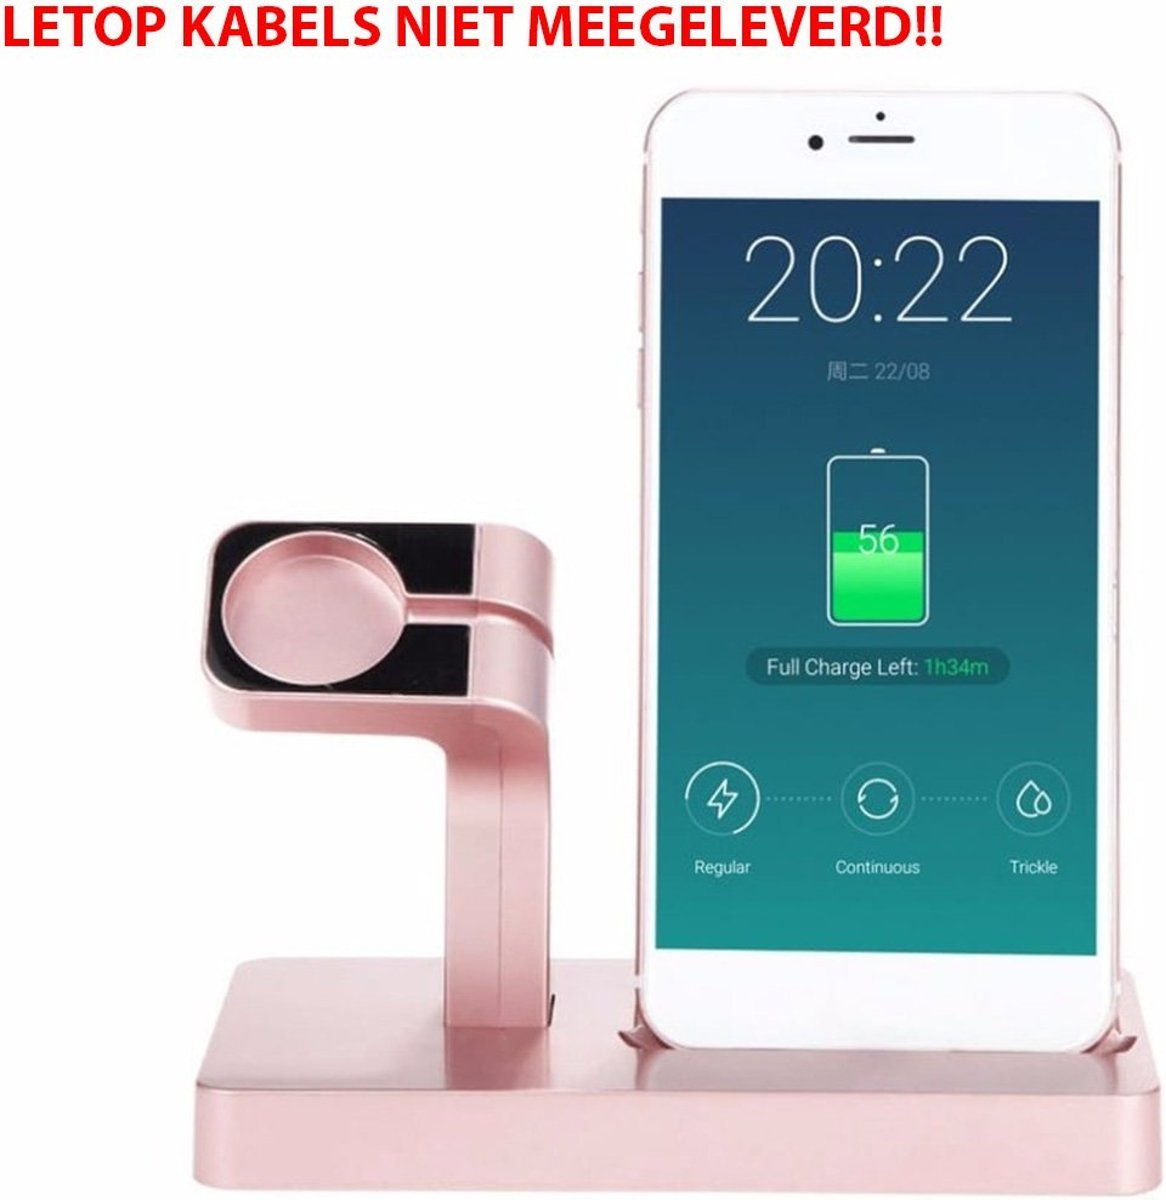 2 in 1 Apple Watch Standaard / Iphone houder voor Apple Watch/ iPhone 6 / 6 Plus /6s / 6s Plus /7  / 8 / 8 plus / Iphone X  Rose Goud Watchbands-shop.nl kopen